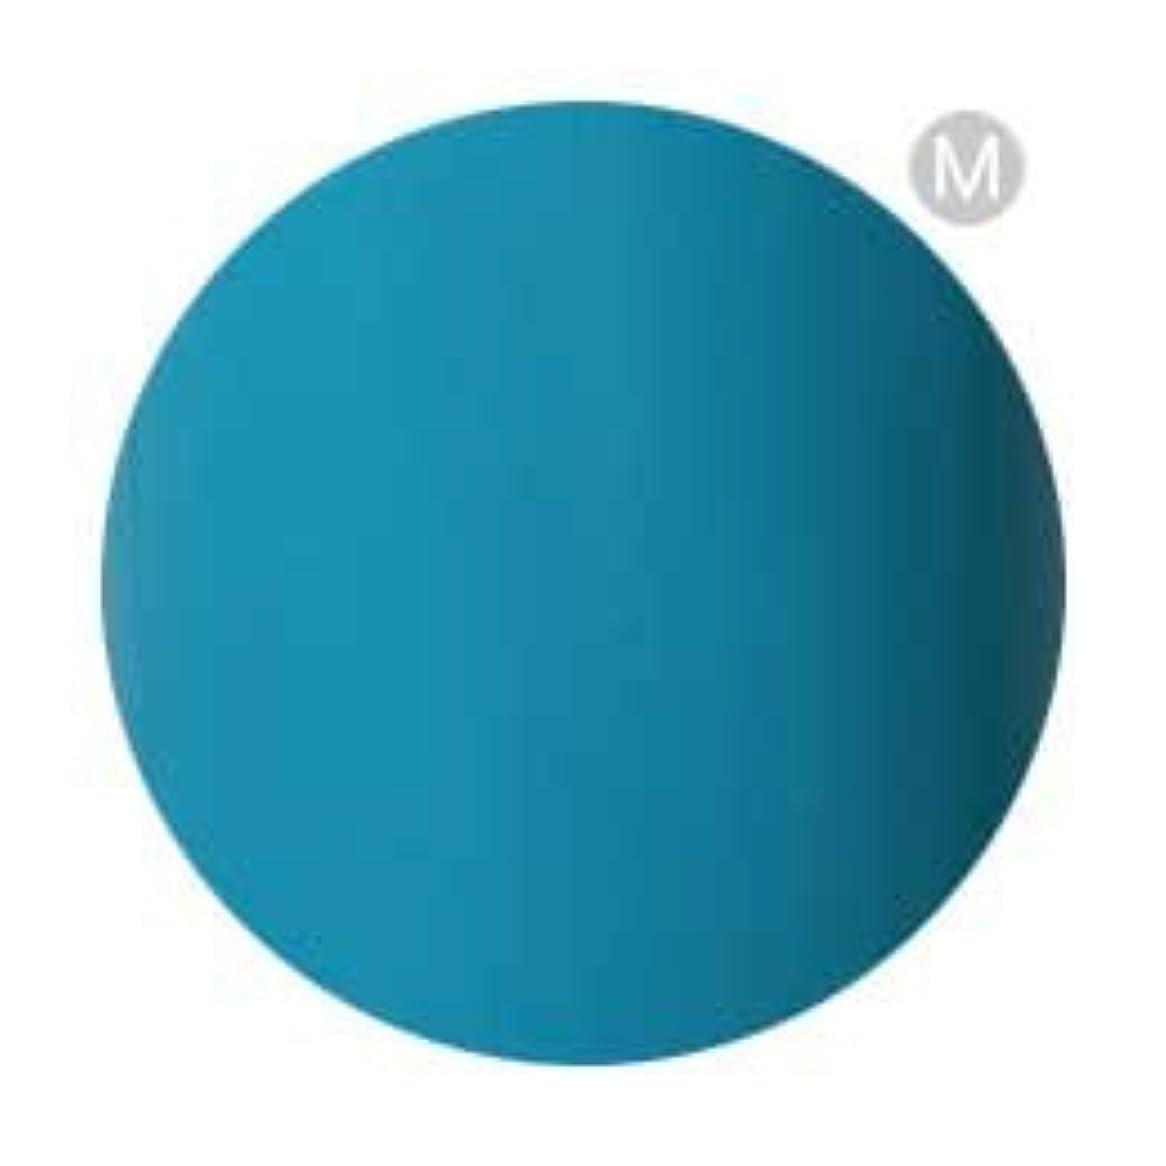 主権者促進する巨大なPalms Graceful カラージェル 3g 079 ターコイズブルー